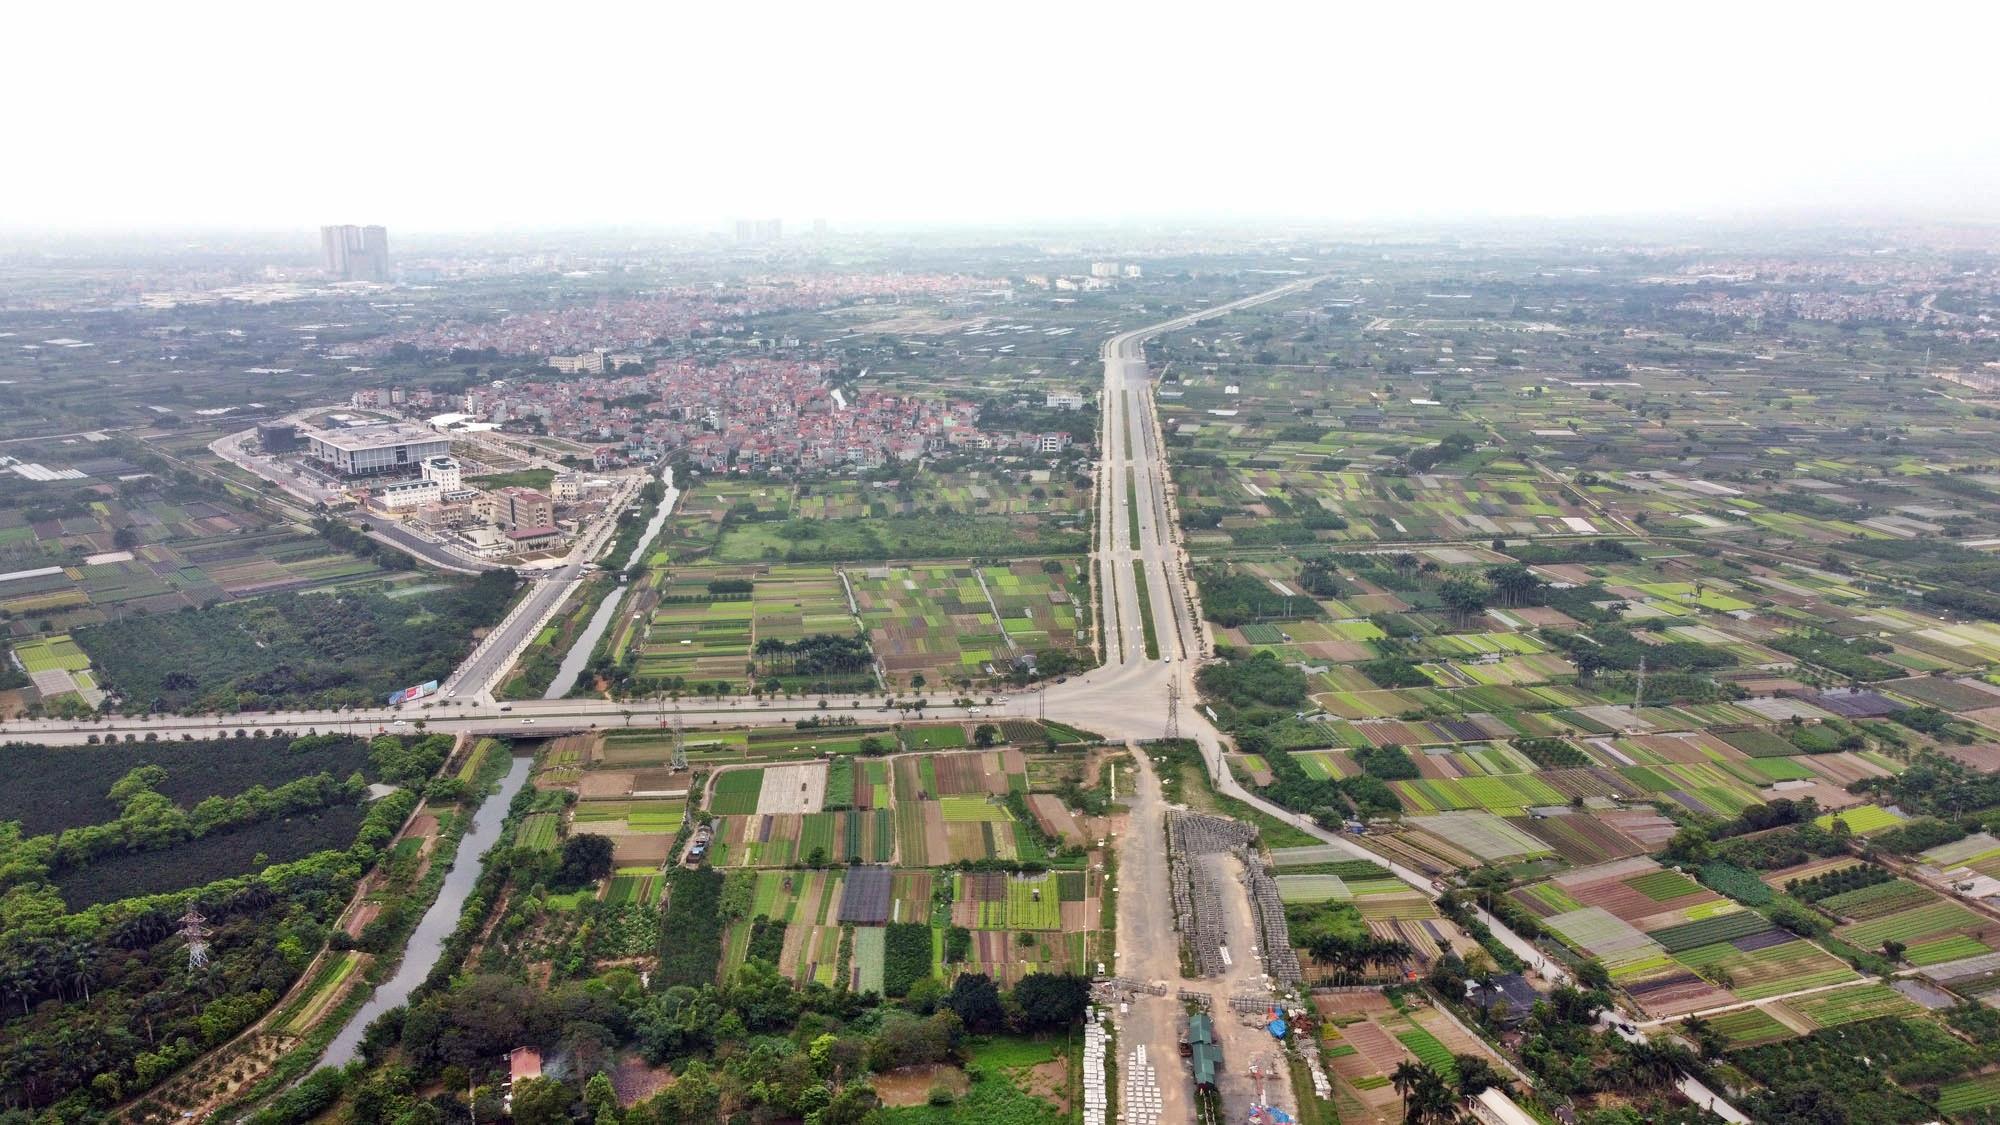 Toàn cảnh đường Tây Thăng Long đang mở theo quy hoạch ở Hà Nội - Ảnh 1.